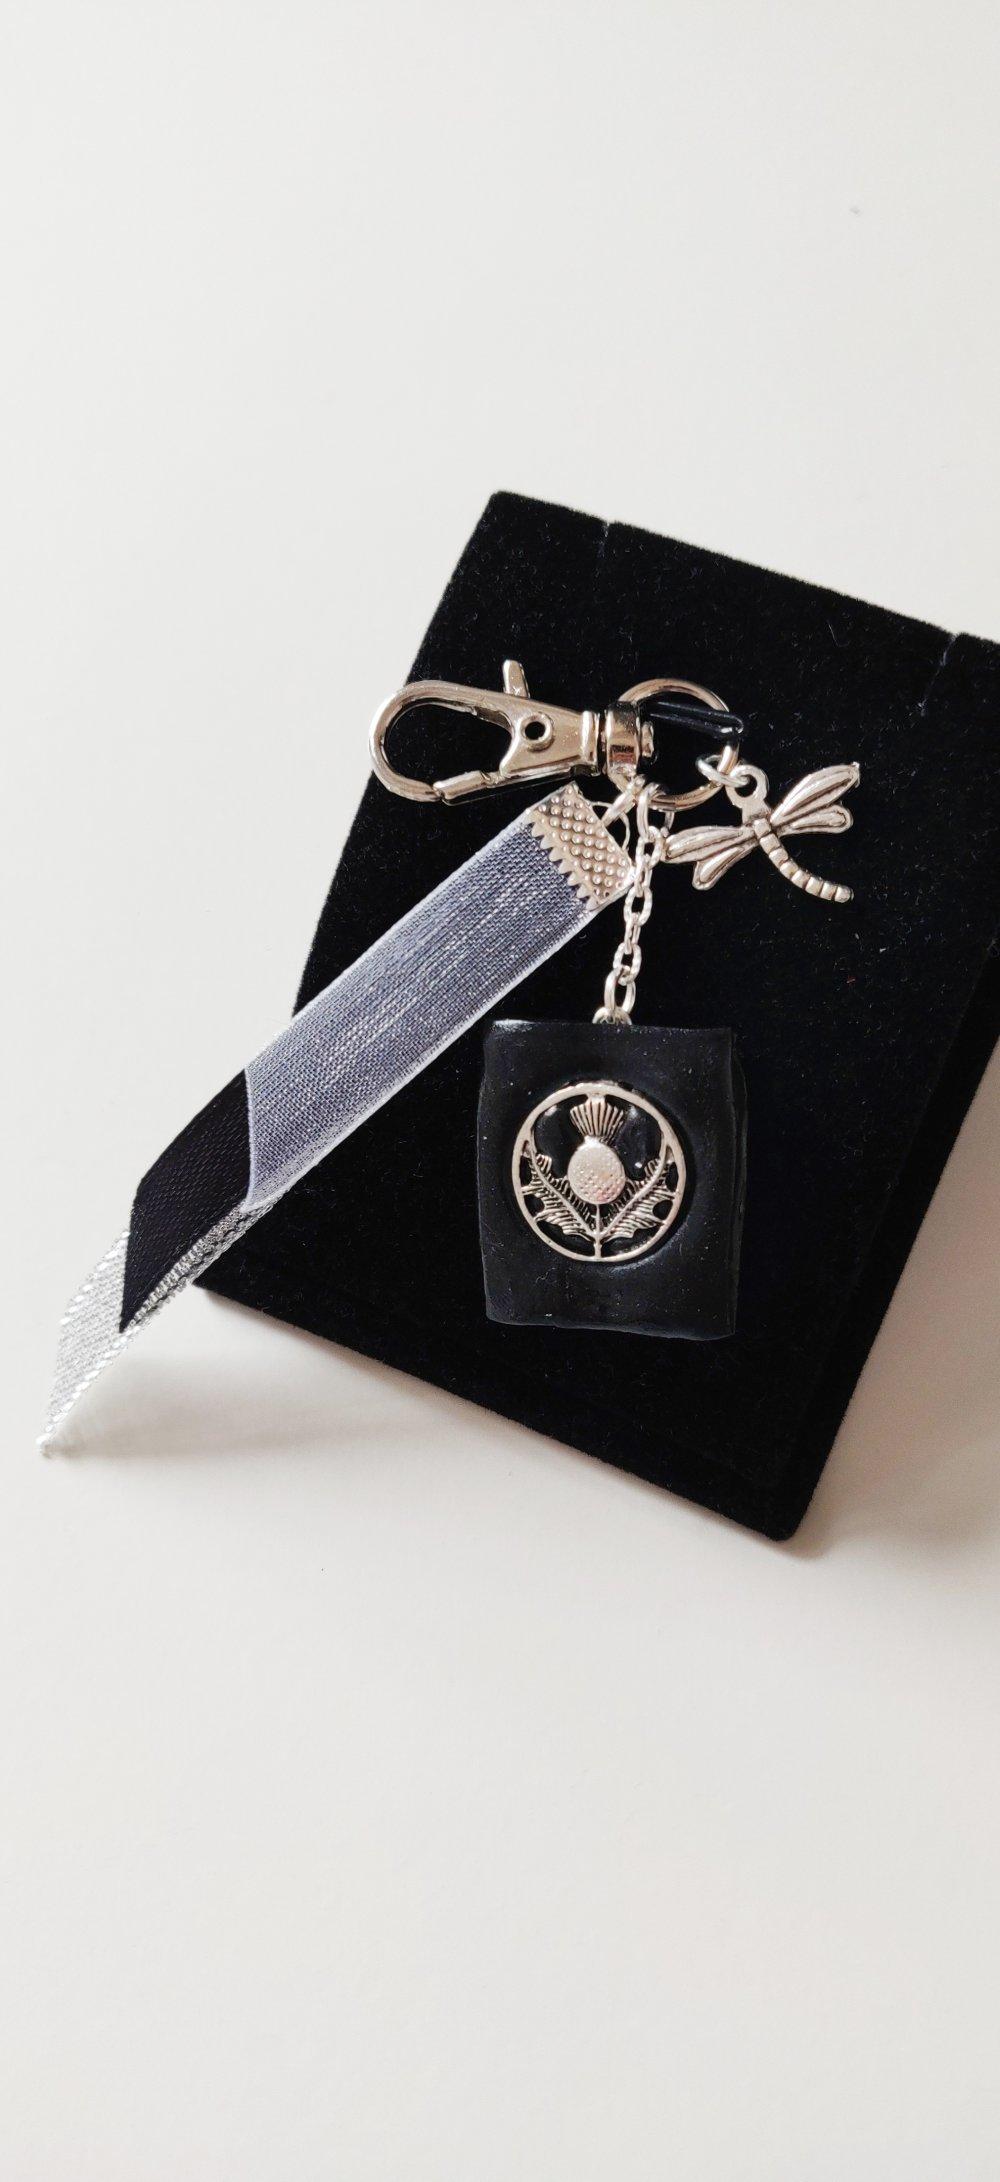 Bijou de sac Outlander livre chardon écossais noir argenté Sassenach Ecosse féérique idée cadeau Miss Perles